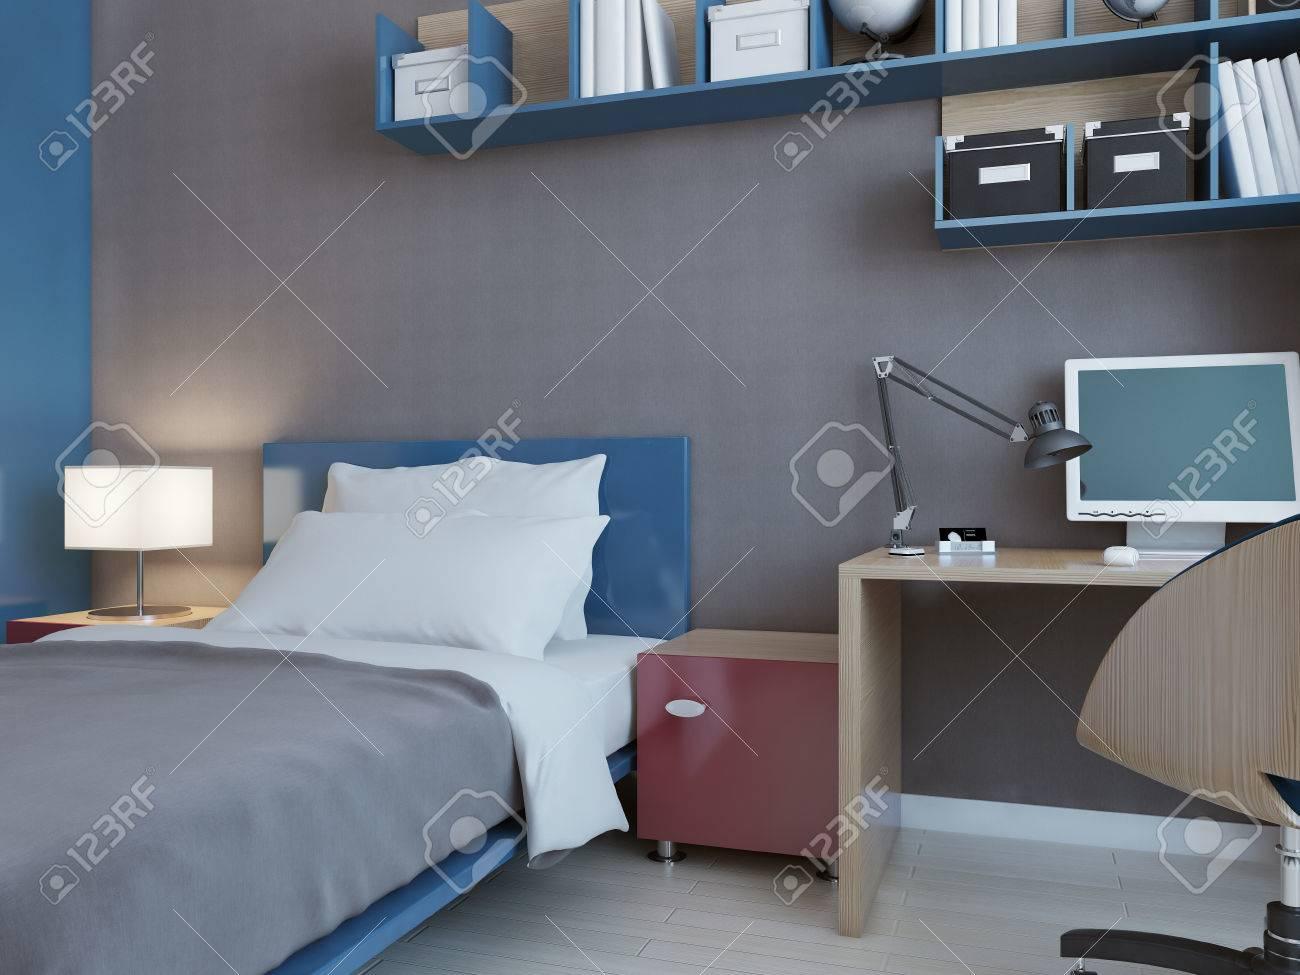 Parfait Banque Du0027images   Idée De Chambre Du0027enfants Avec Des Murs Gris. Décor Bleu  Et Rouge. Système De Mur Minimaliste Avec Un PC. 3D Render